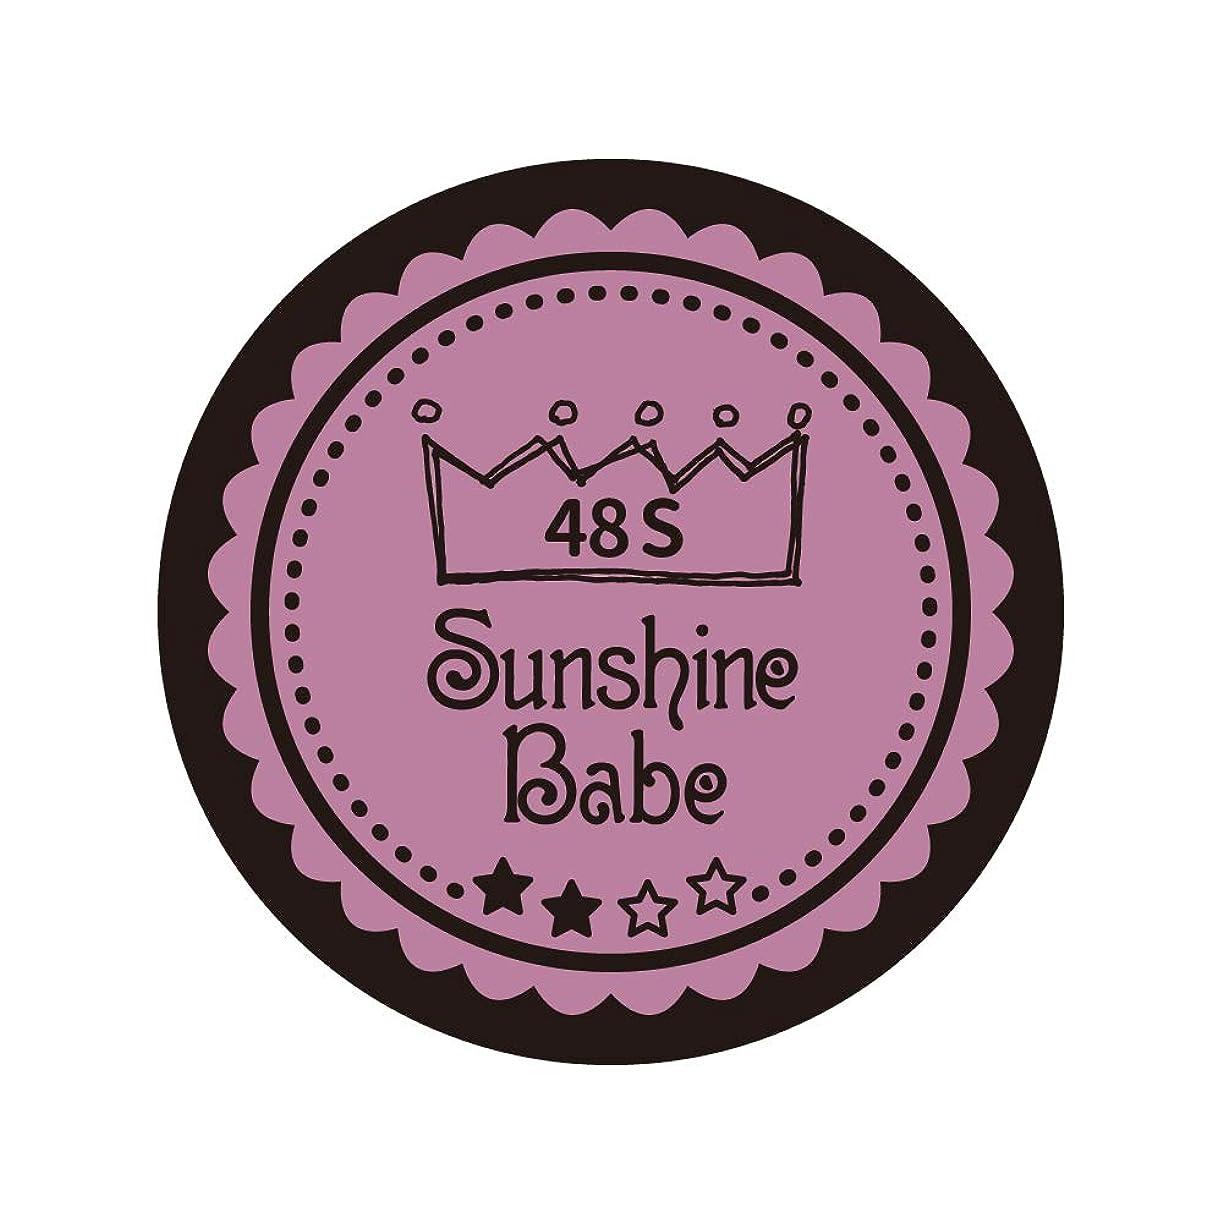 抵抗力がある頬誤解させるSunshine Babe カラージェル 48S ペールモーブ 2.7g UV/LED対応